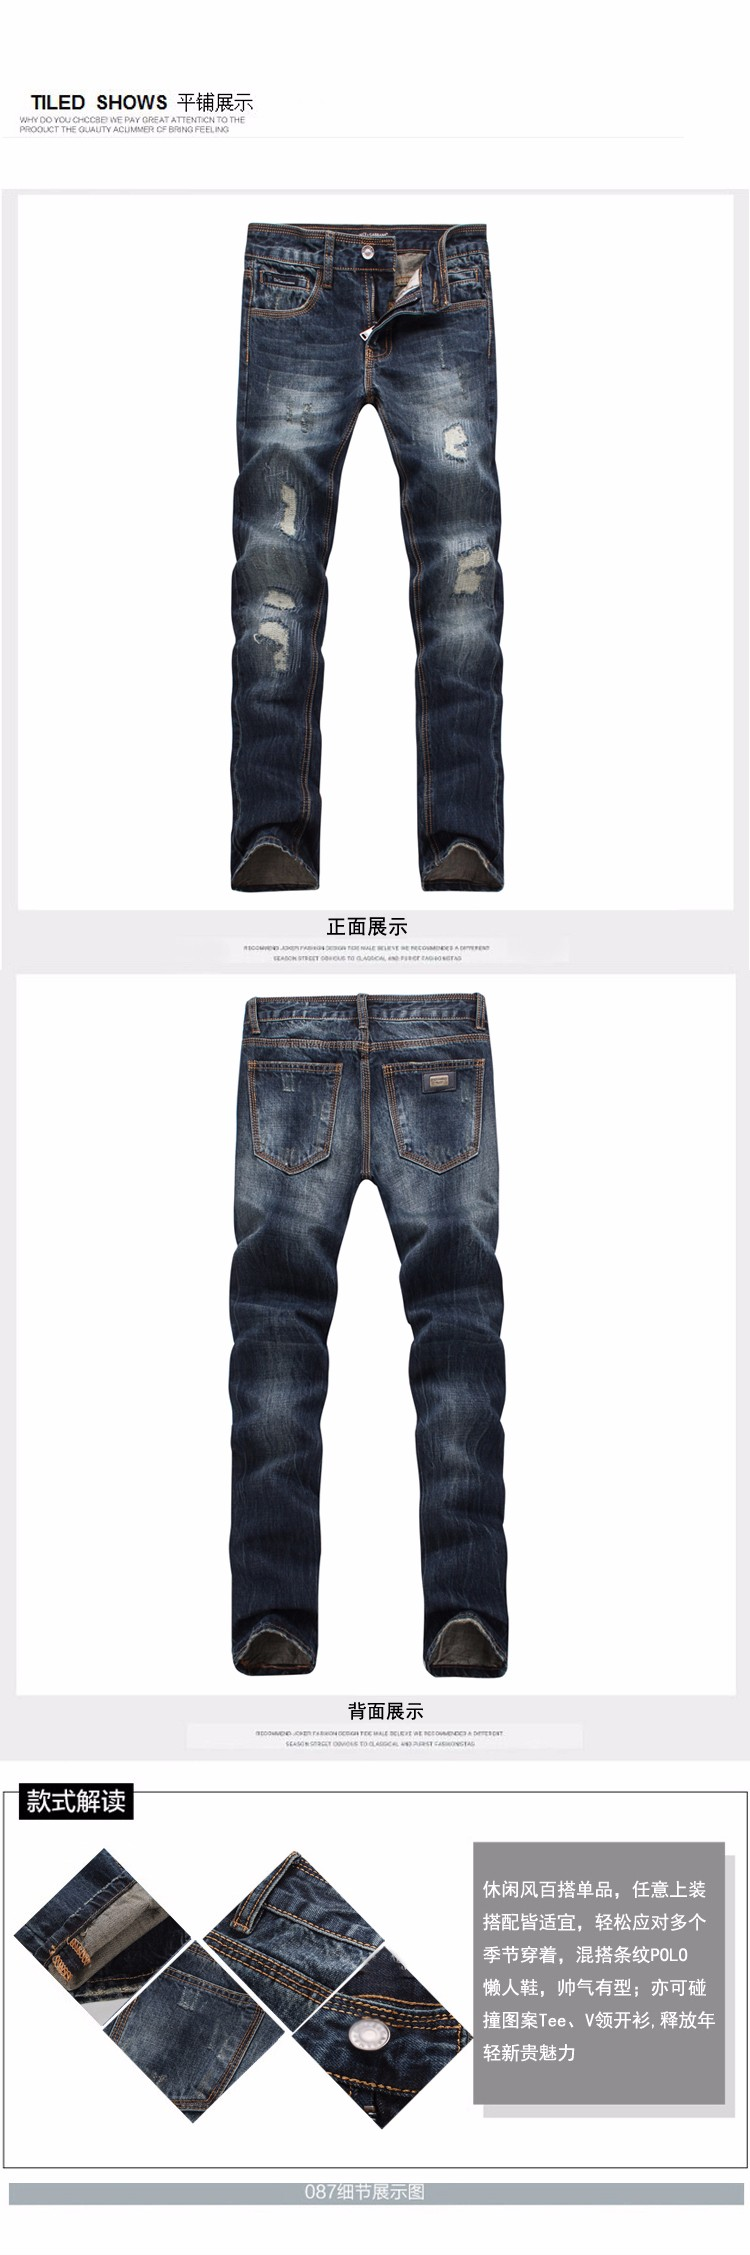 Скидки на Новые Маленькие ноги брюки бренд брюки мальчик джинсовые брюки Делают старые дизайнер